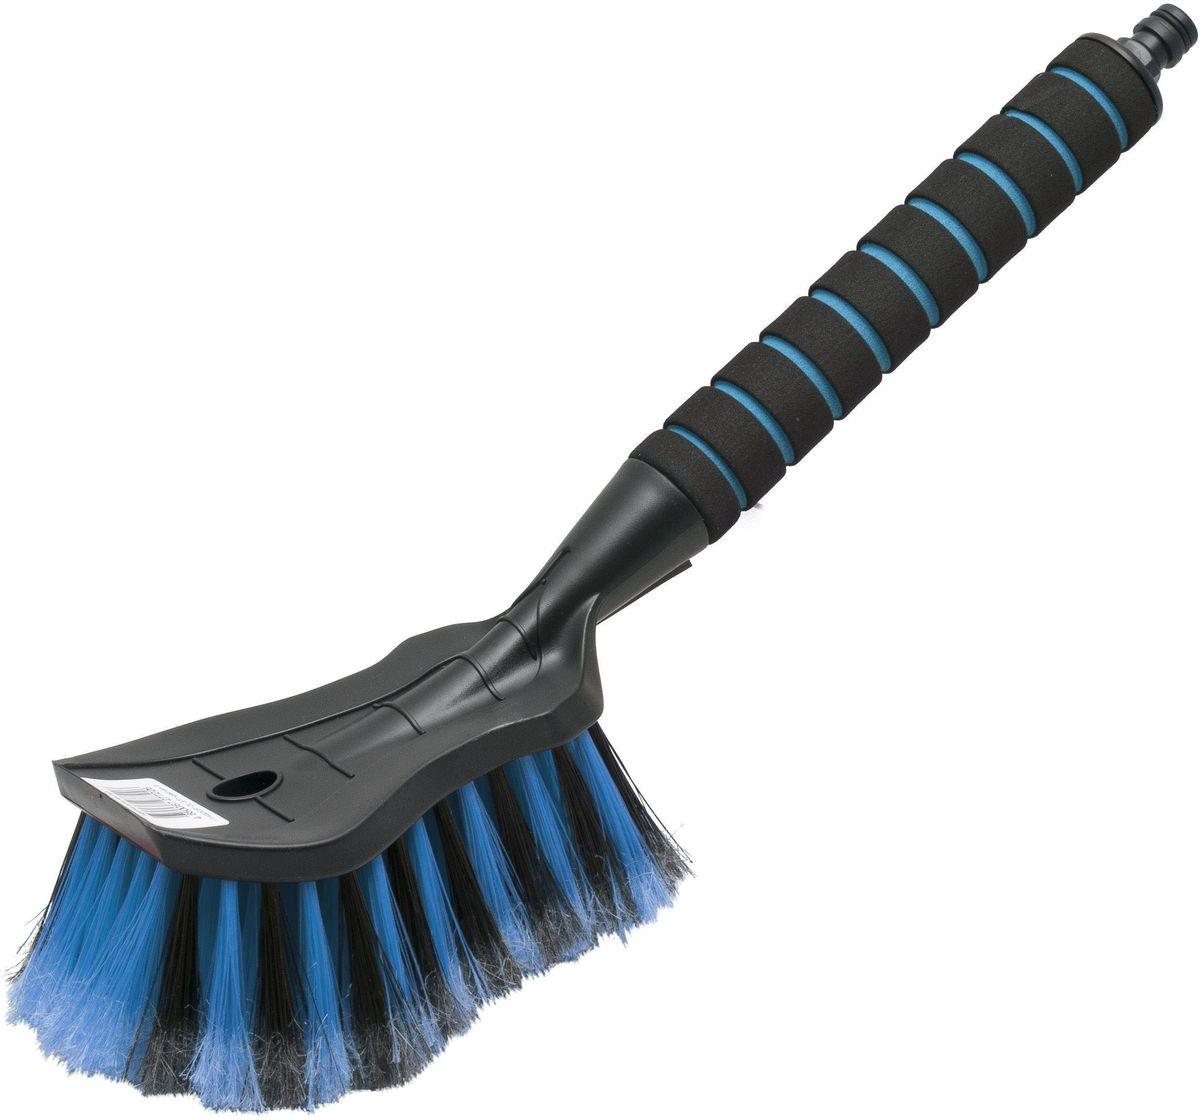 Щетка для мытья Главдор GL-575, цвет: голубойGL-575Щетка для мытья с мягкой, распушенной щетиной, изготовлена из прочного пластика. Рукоятка имеет мягкое пенополиэтиленовое покрытие, снабжена адаптером (насадкой) дляподключения к шлангу.